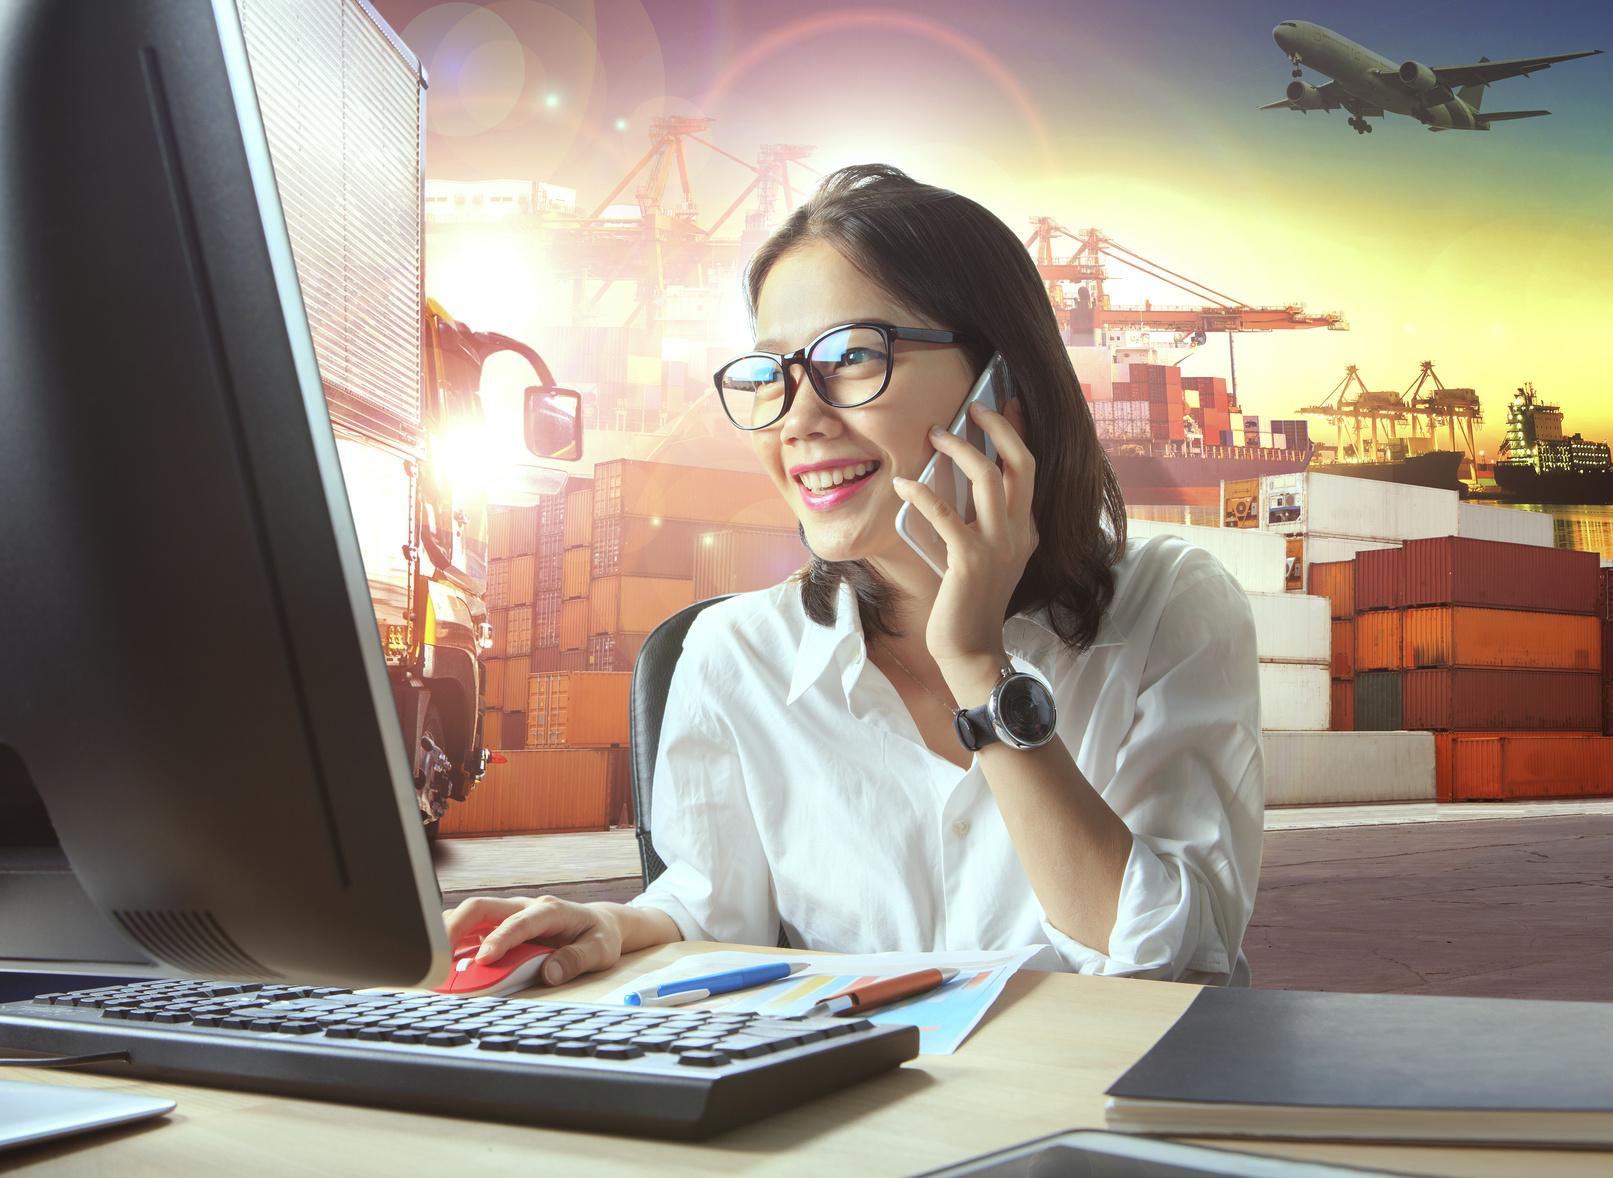 Logistyka - Zawód z przyszłością – 5 profesji, które na pewno dadzą ci pracę - Blog o ludziach - Agencja Nakatomi Warszawa